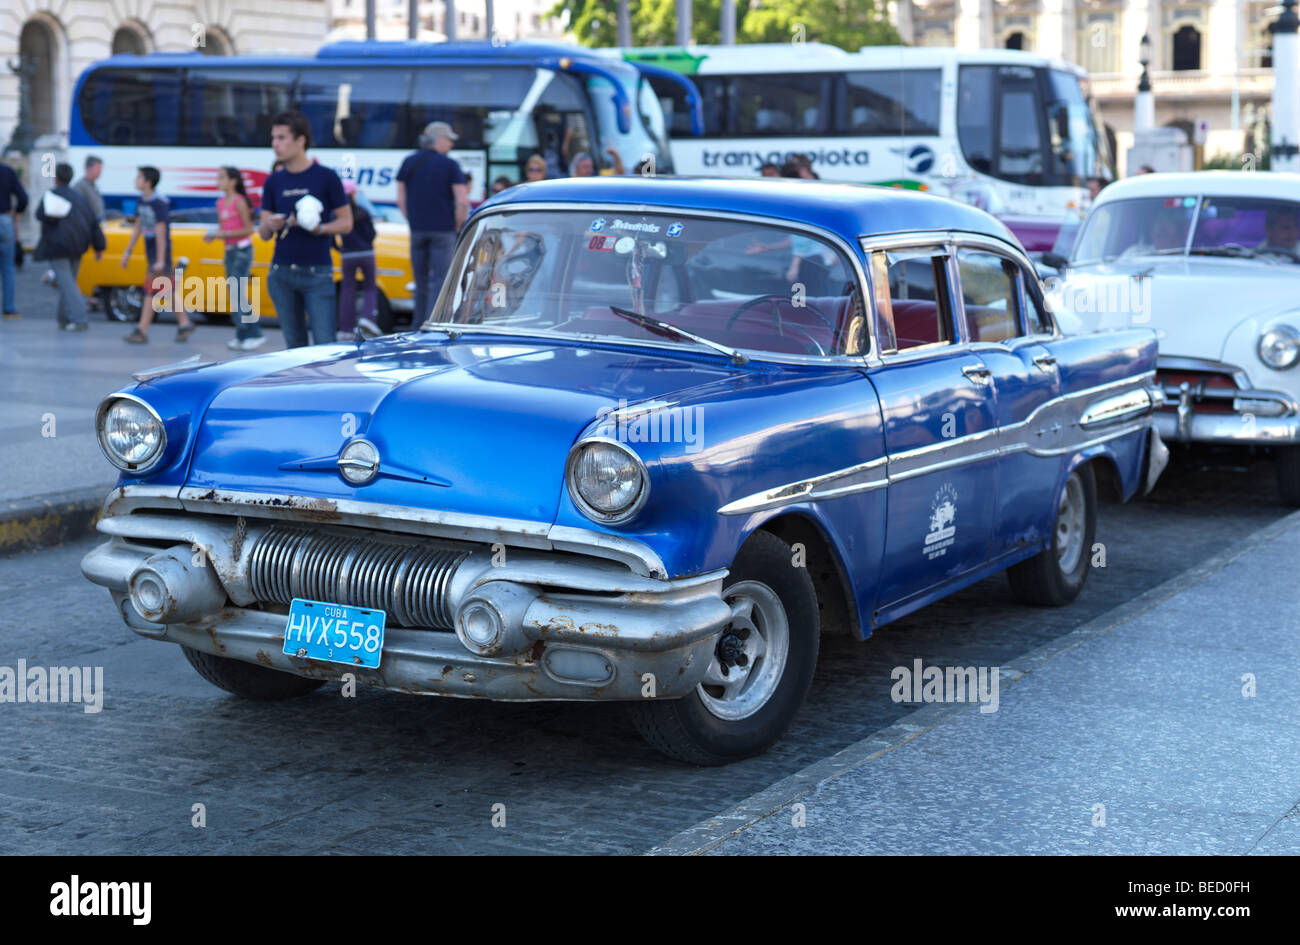 Eine historische blaue amerikanisches Auto / Oldtimer in den Straßen von Havanna, Kuba, auf 1. März 2009 Stockbild